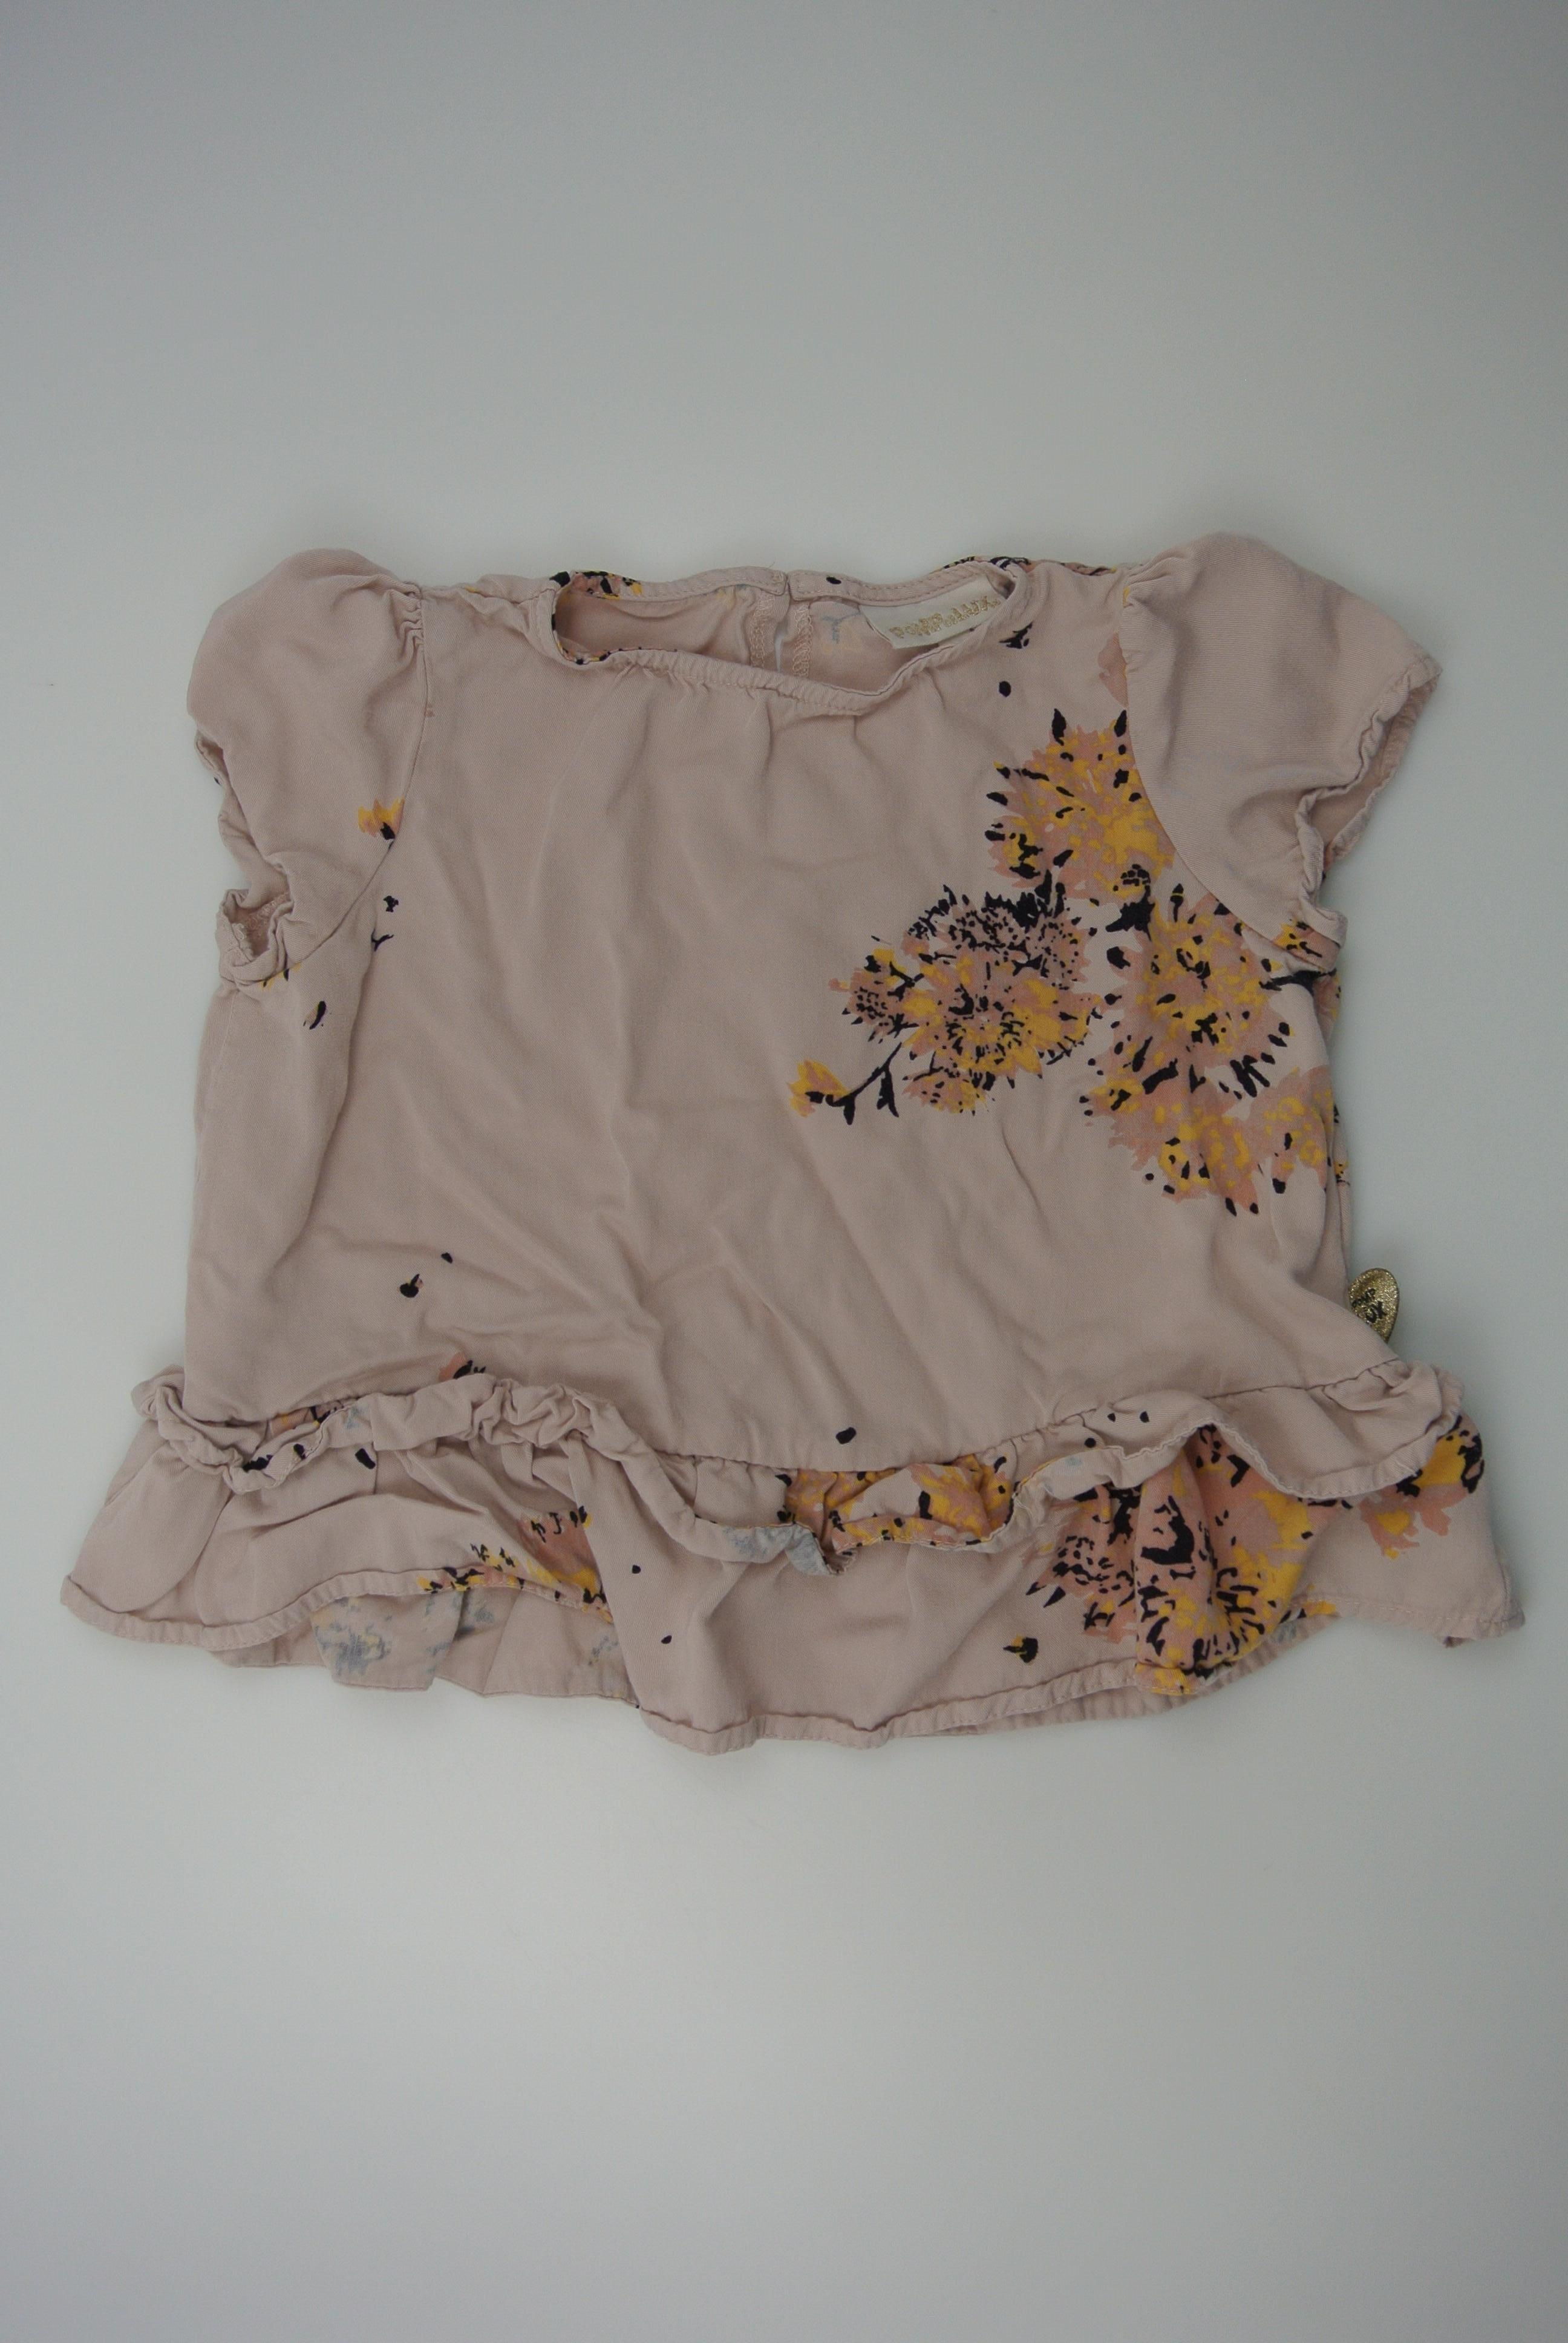 Pompdelux t-shirt str 110/116 pige